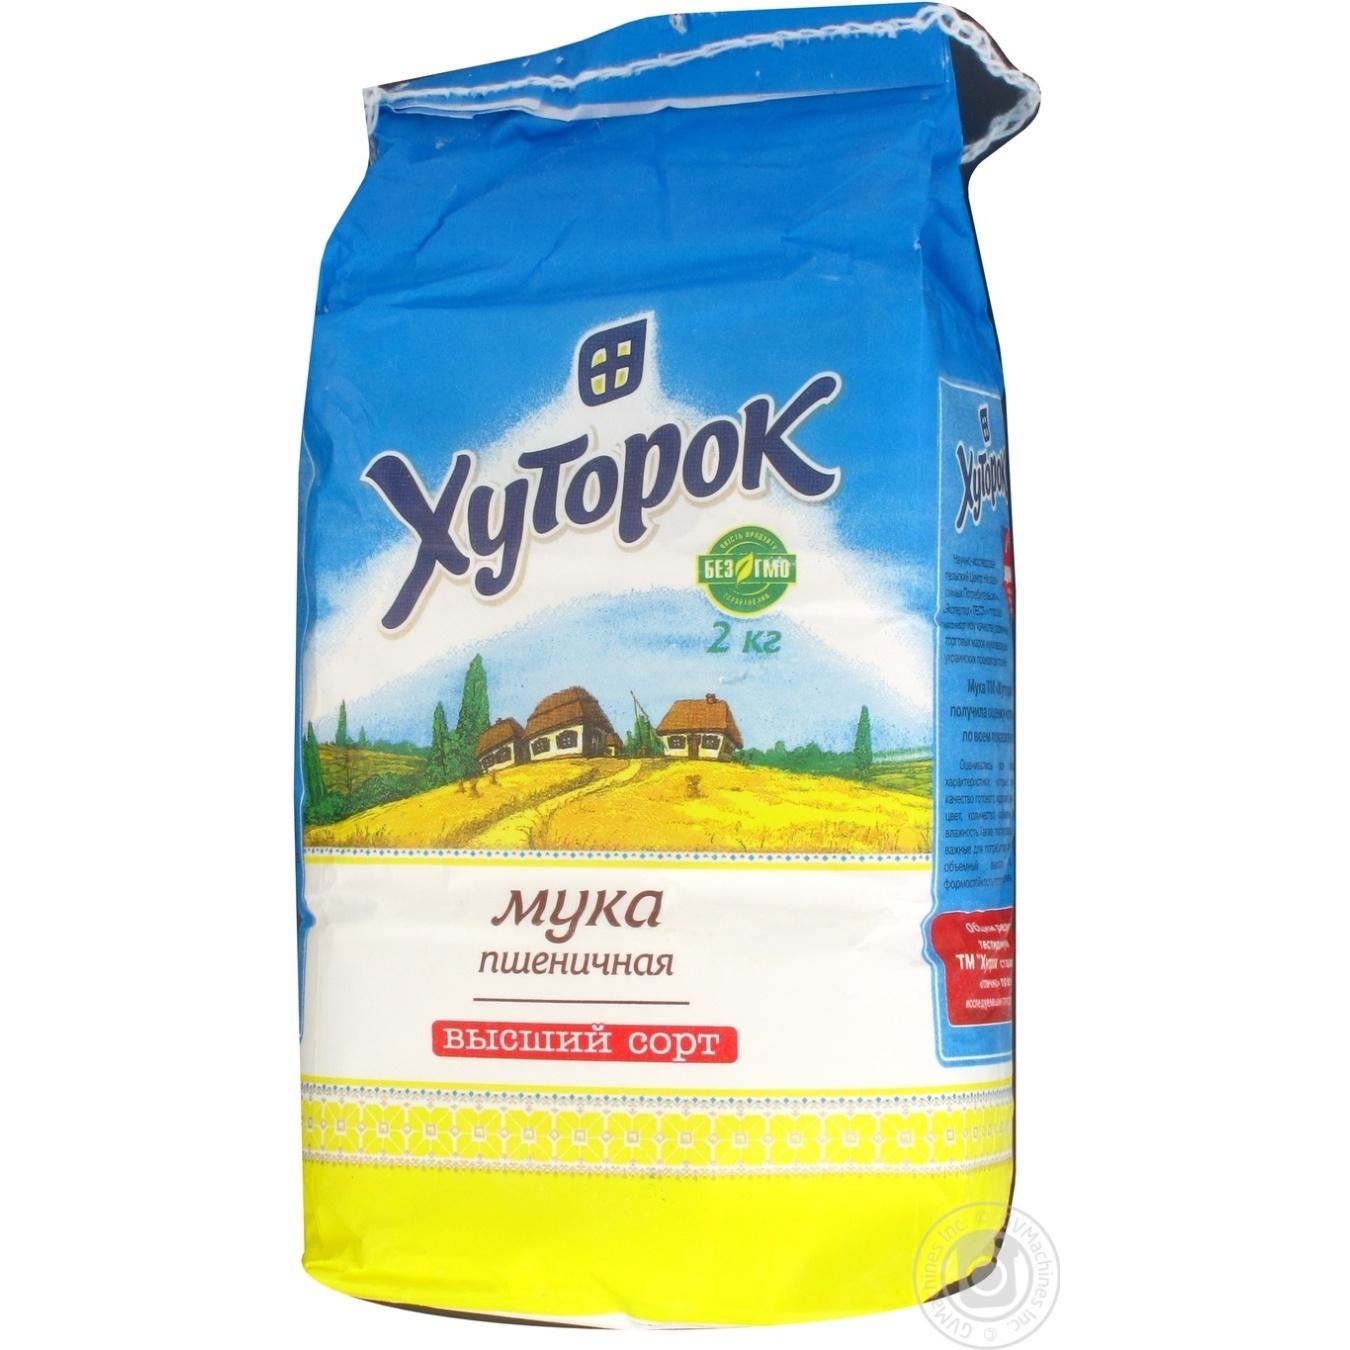 Мука Хуторок пшеничная 2000г Украина